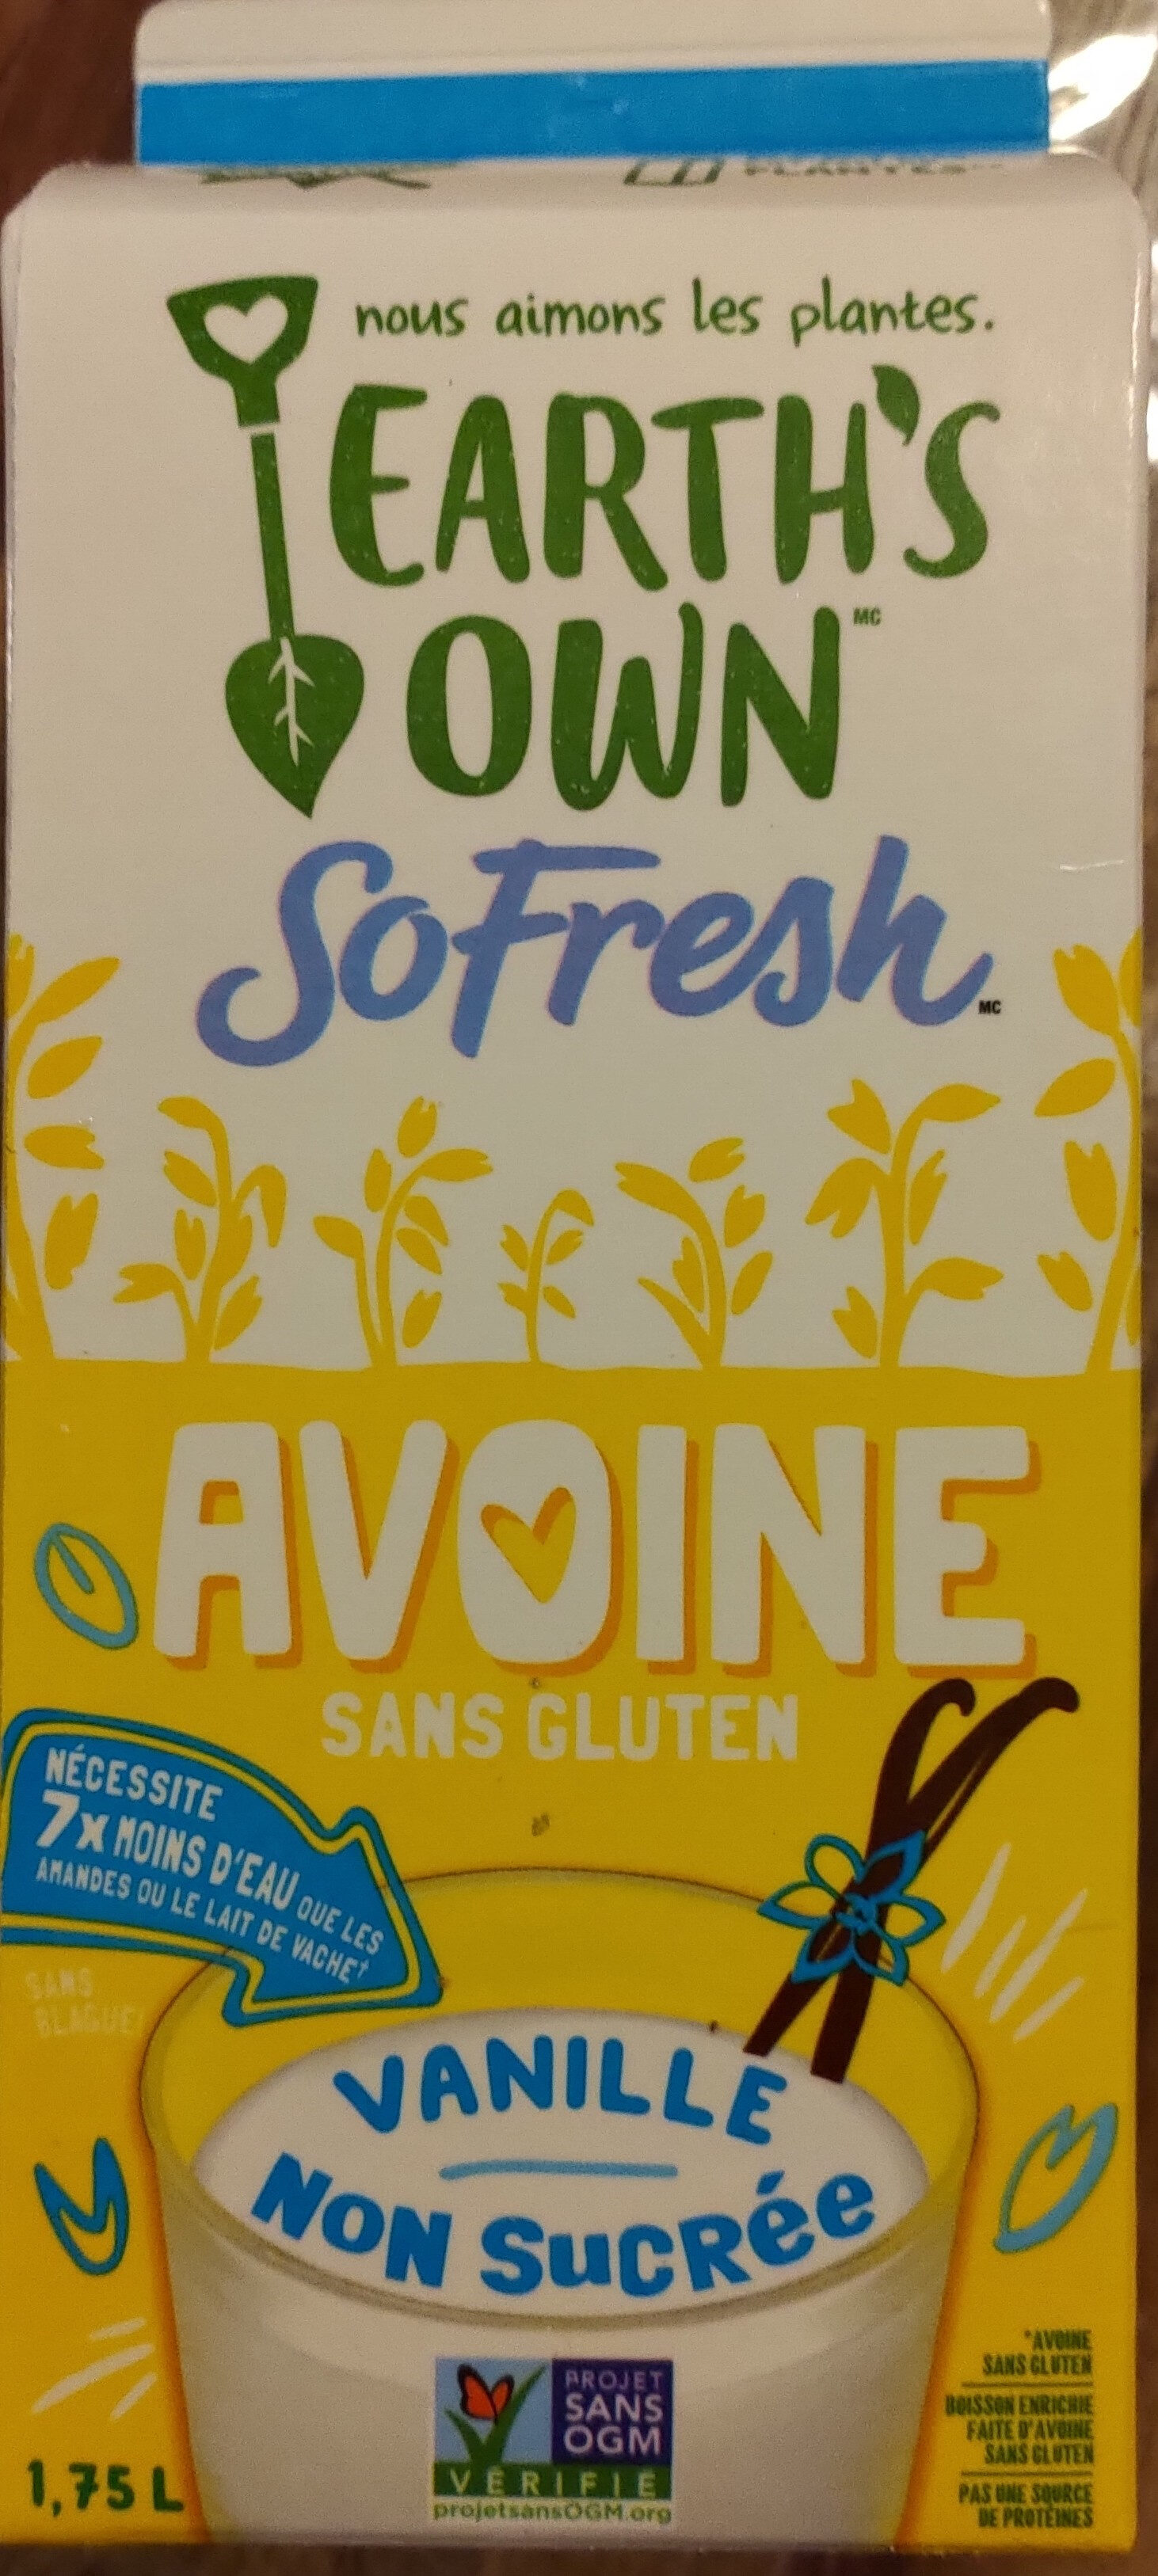 So Fresh AVOINE Vanille non sucrée Sans gluten - Produit - fr